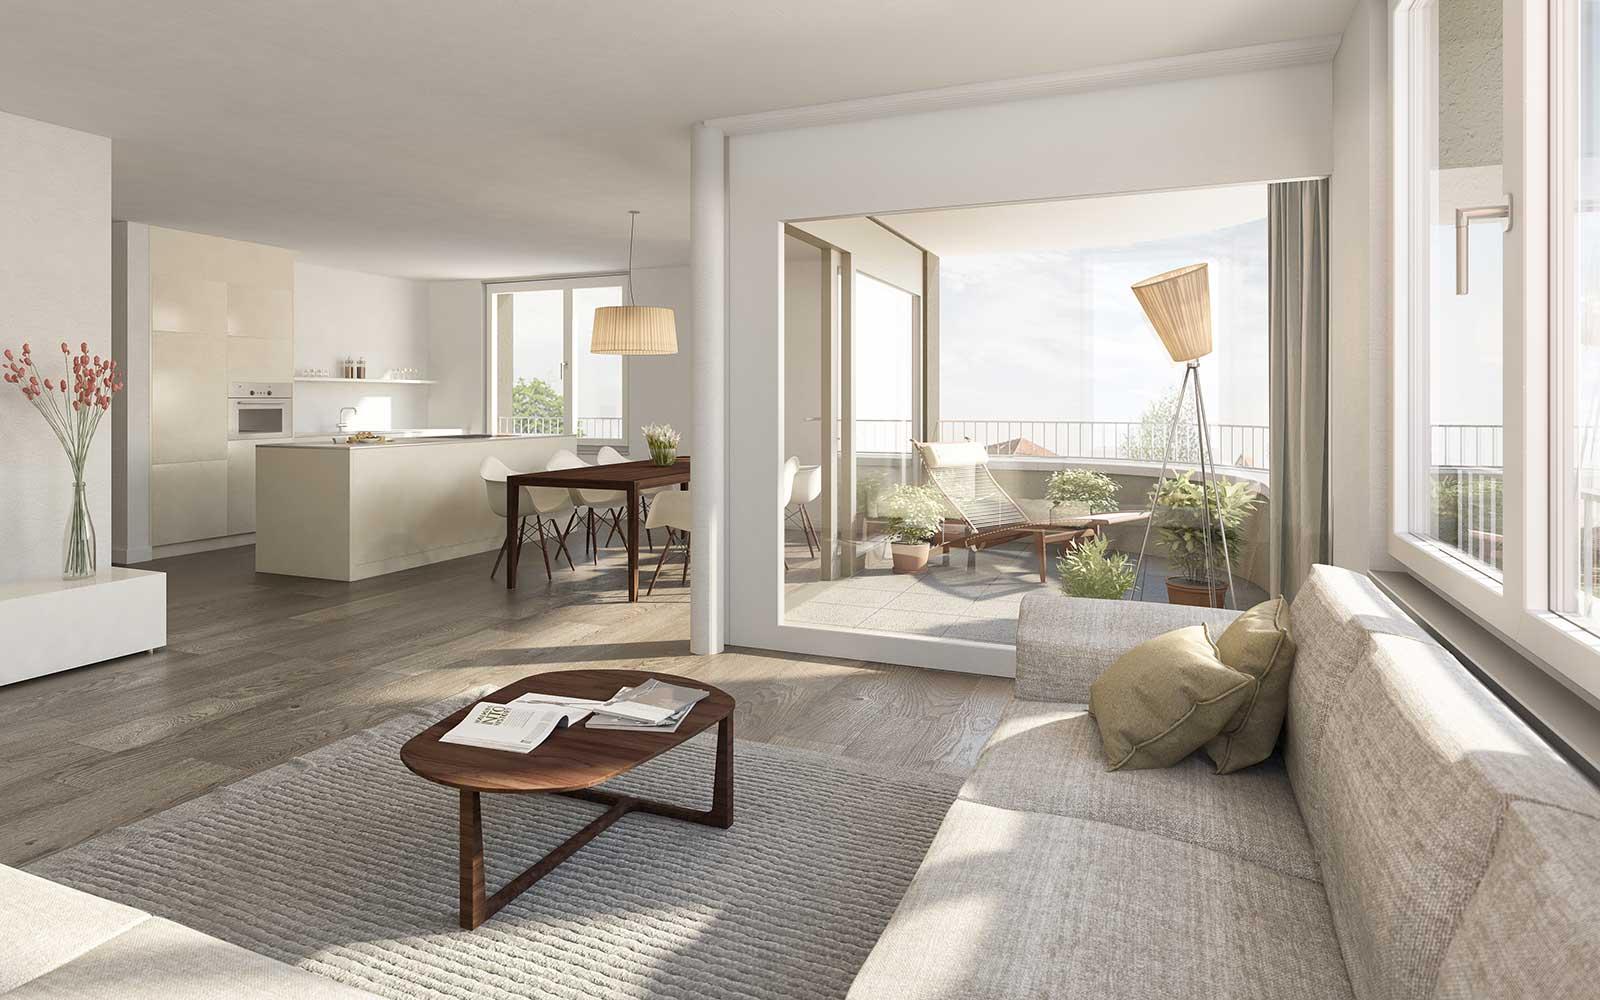 Visualisierung Wohnung Punkthäuser Neubau Wohnüberbauung Dorfzentrum Orpund Gottstatt